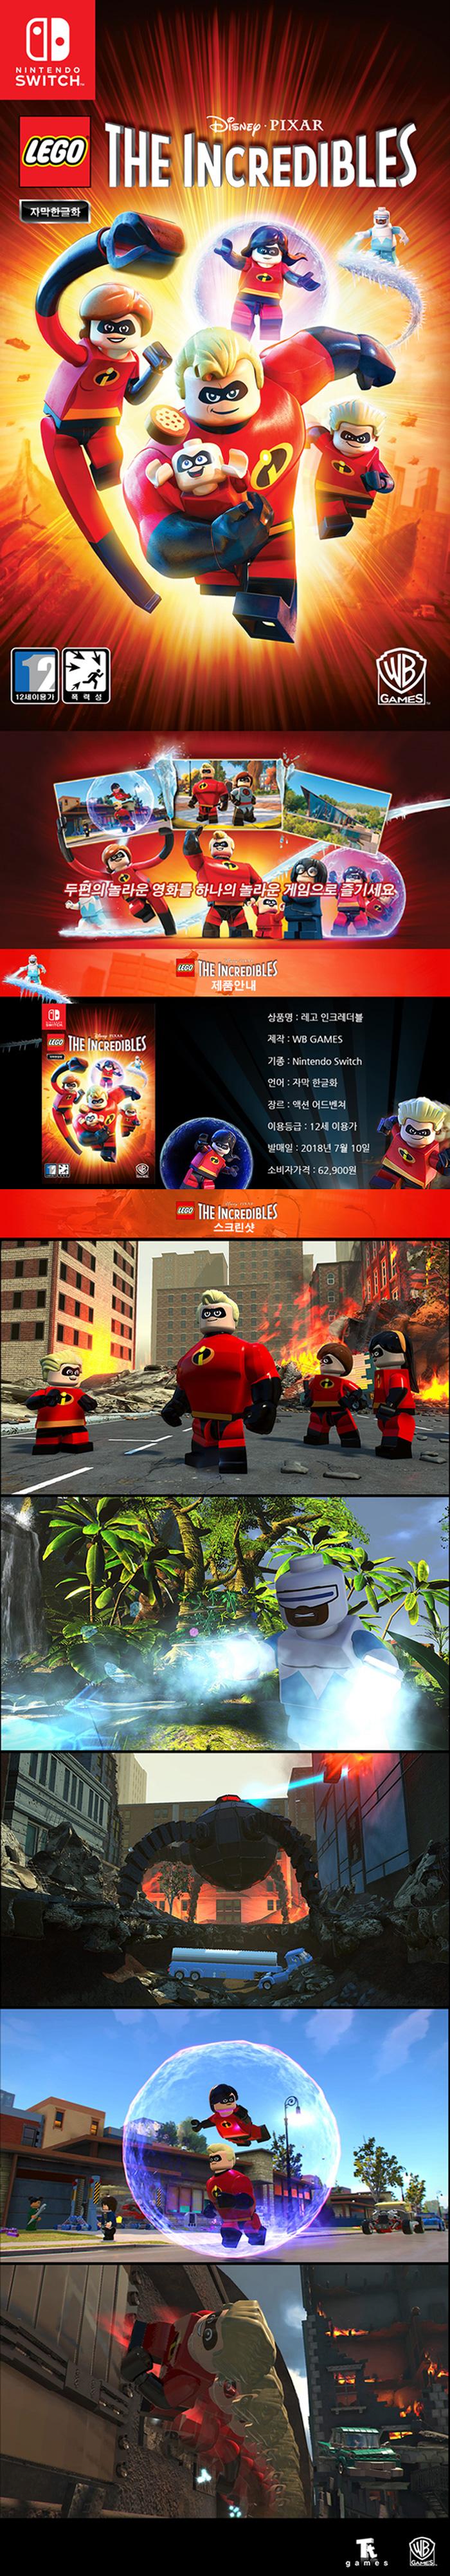 레고 인크레더블 상세페이지